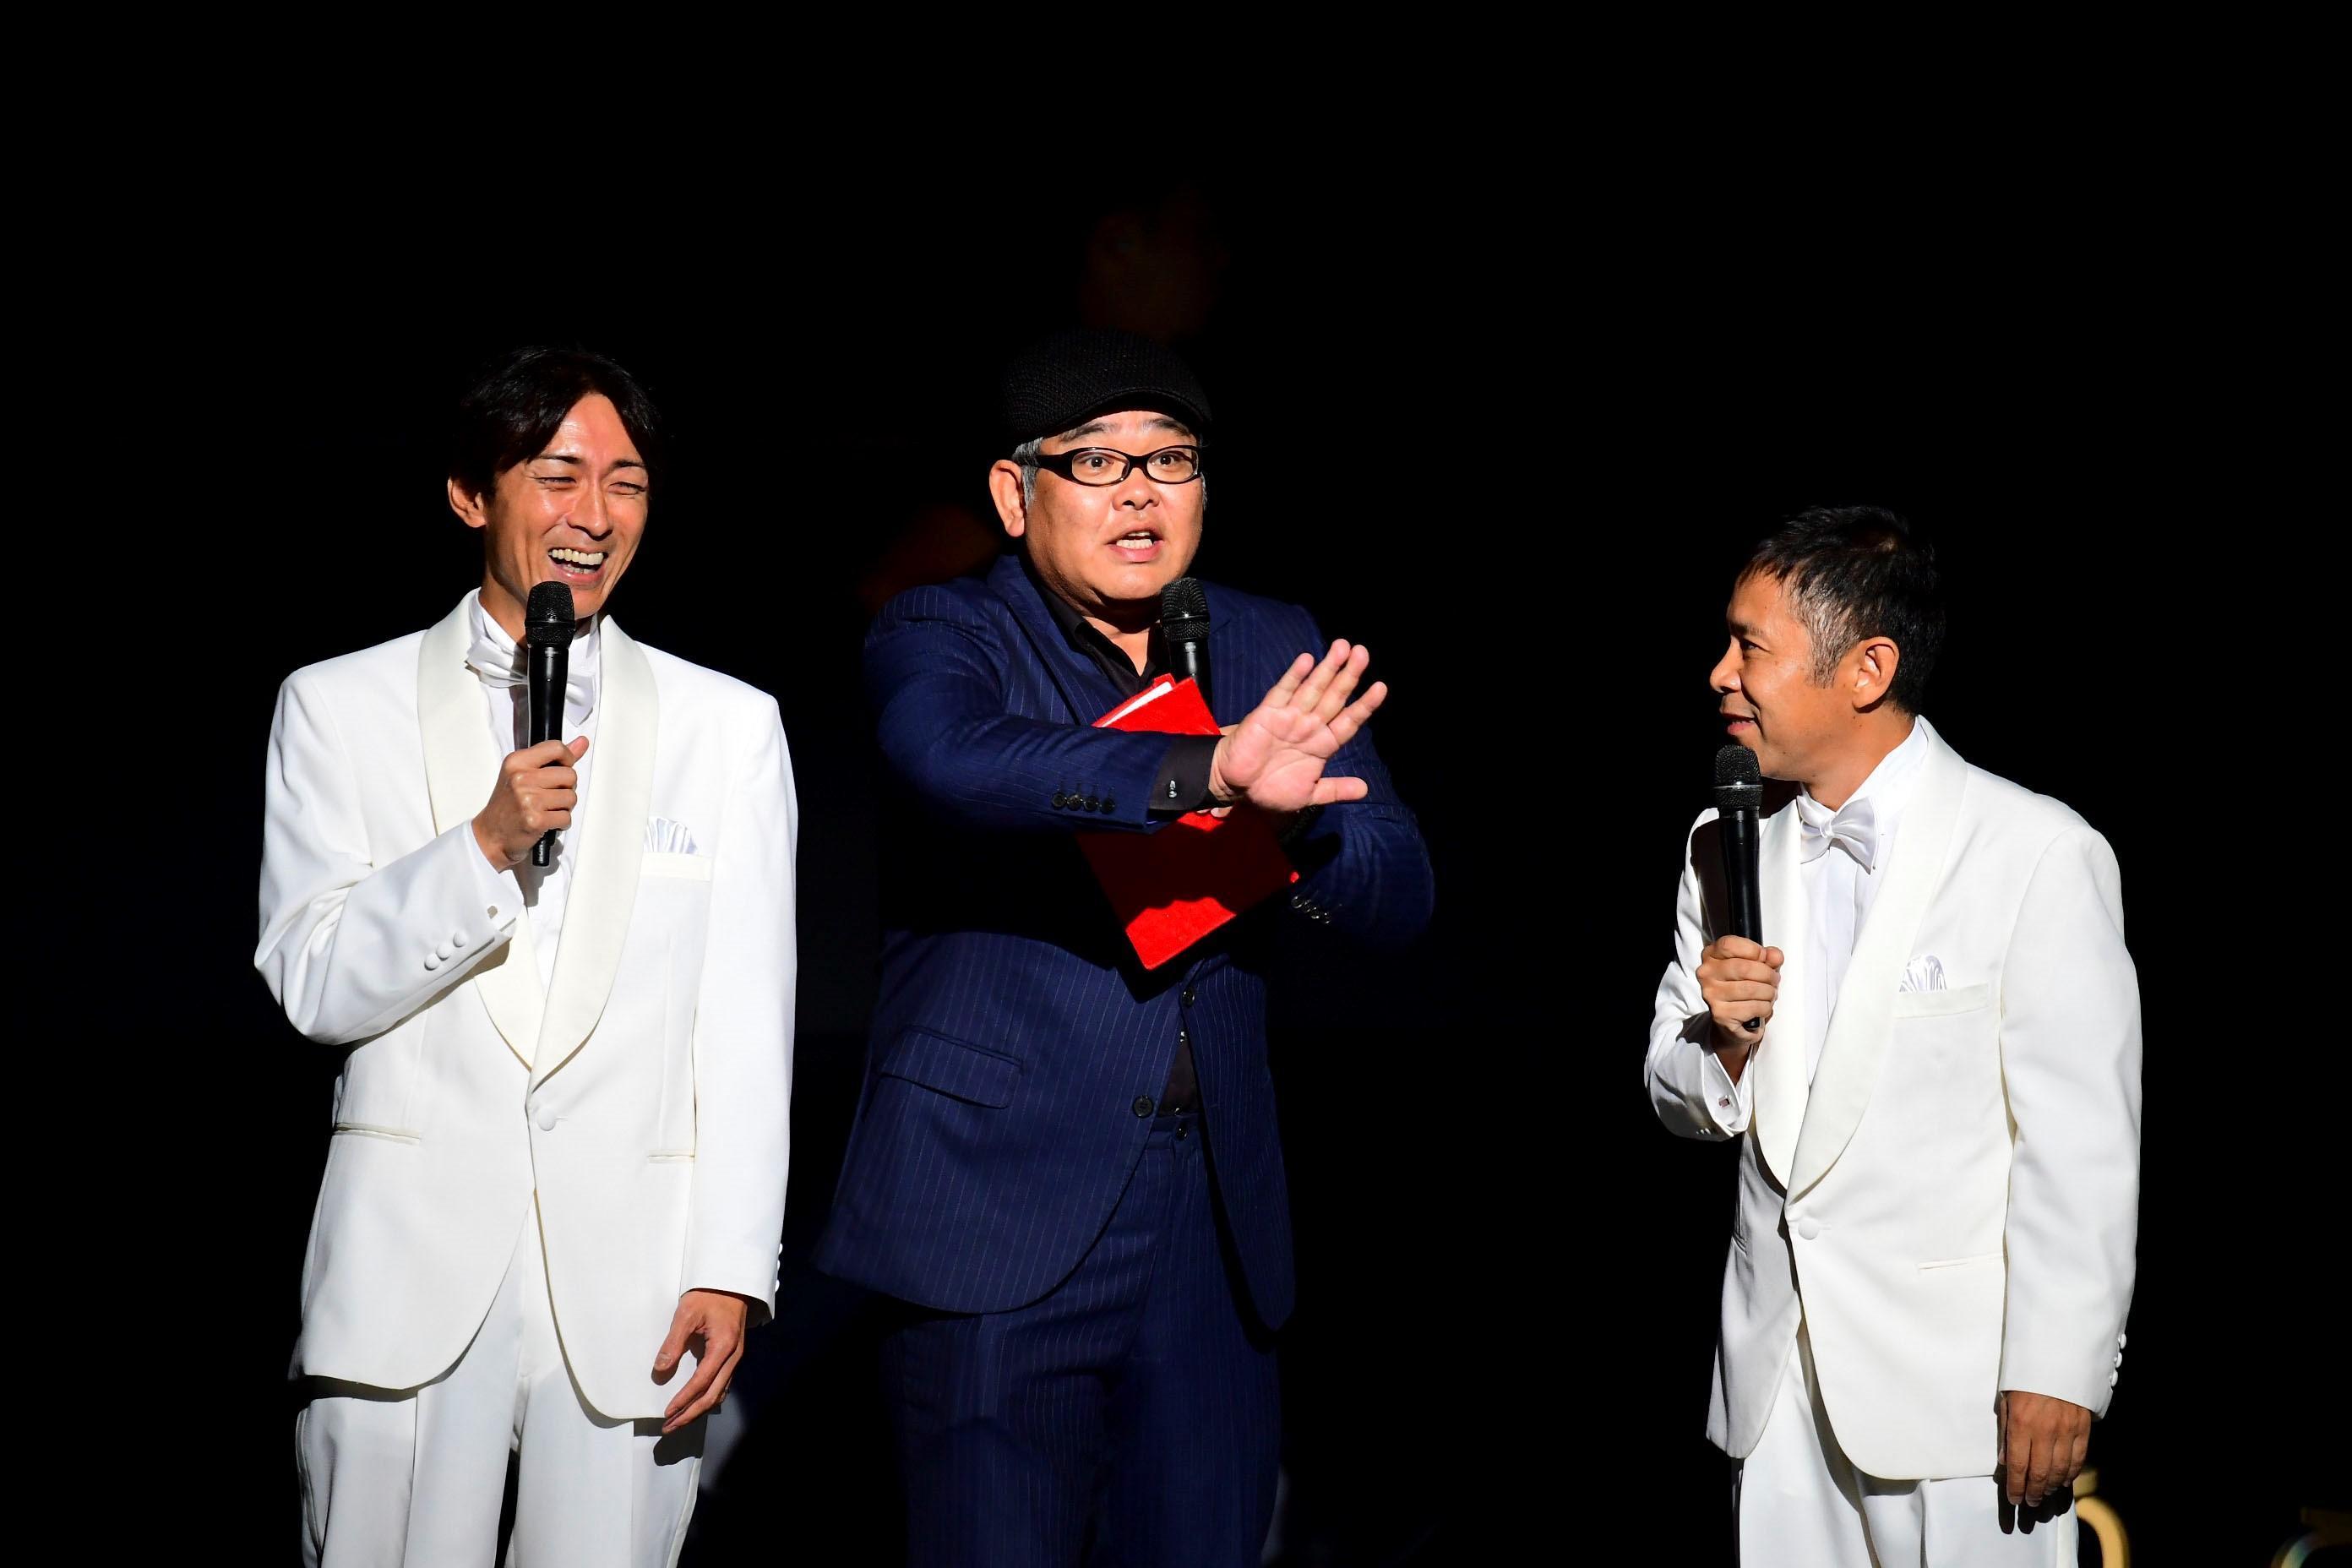 http://news.yoshimoto.co.jp/20170929191508-efc3114ce259a5c124d8659309b10f610ca91dbf.jpg